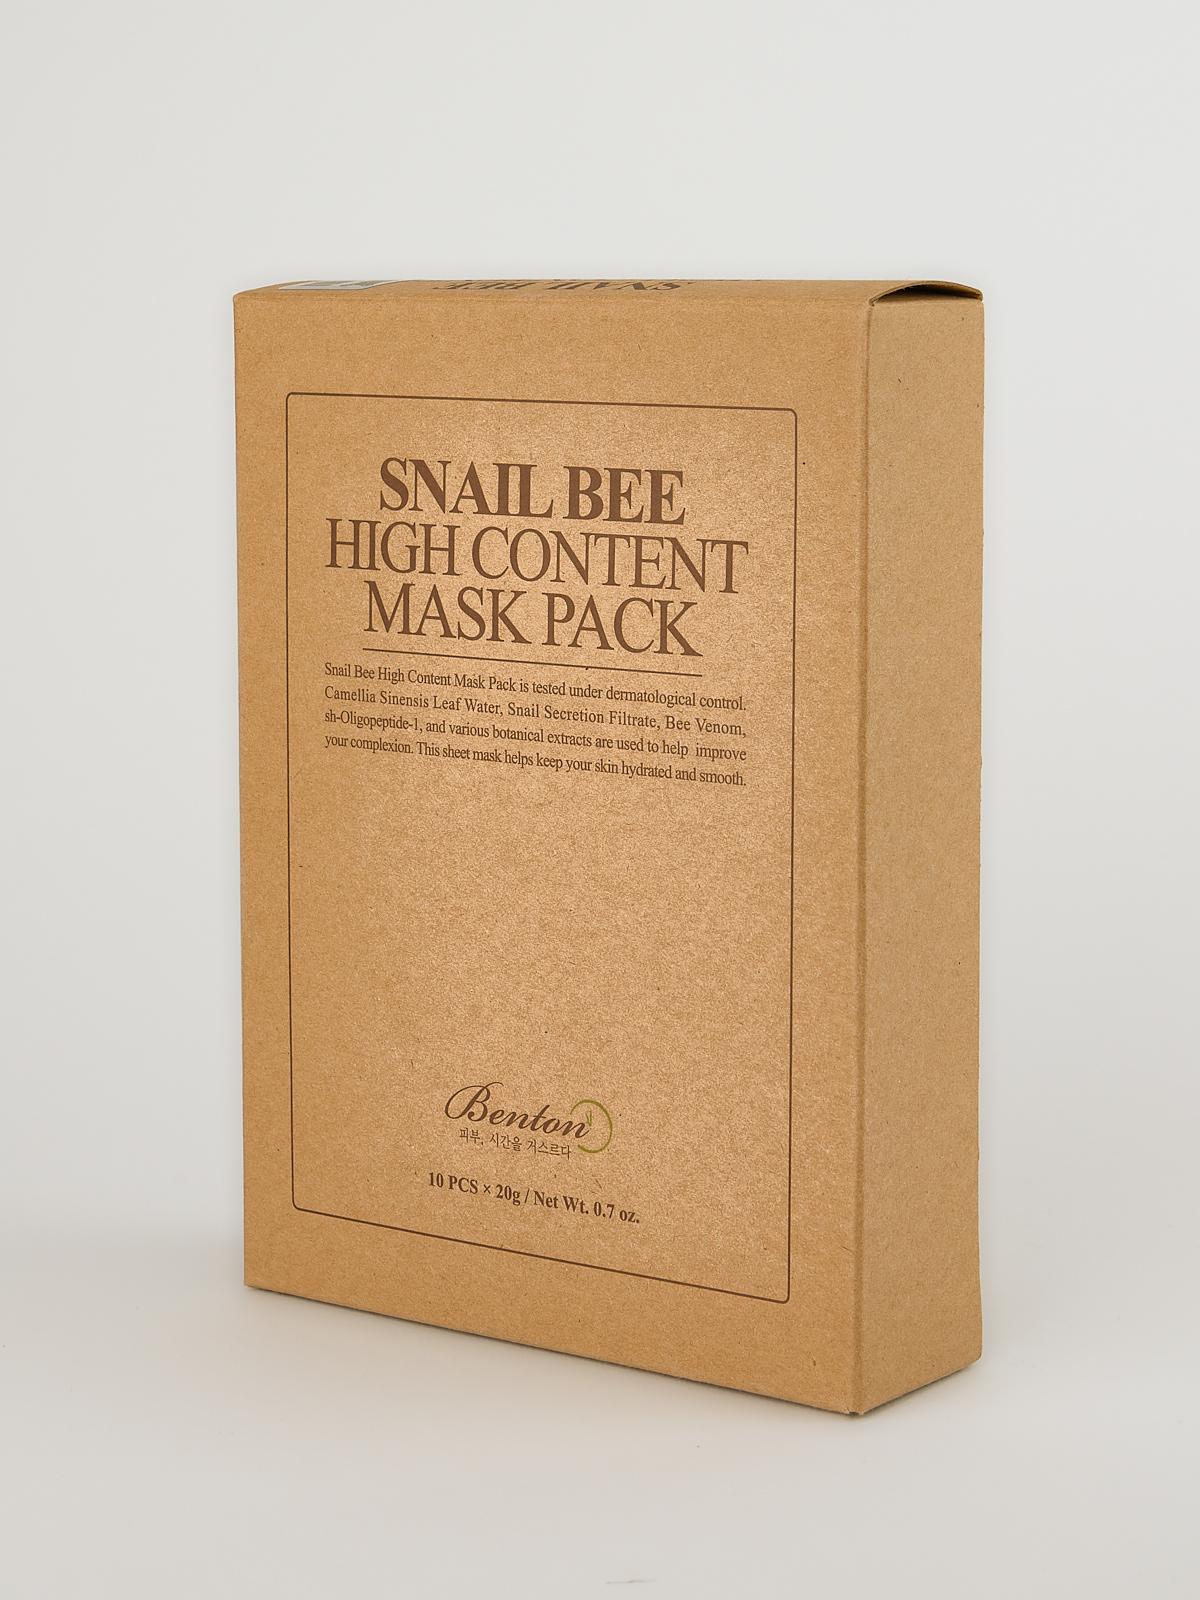 Benton Snail Bee High Content Mask Pack. Schräg stehende Zehner Box mit Korean Sheet Masks aus beigem Öko Karton.